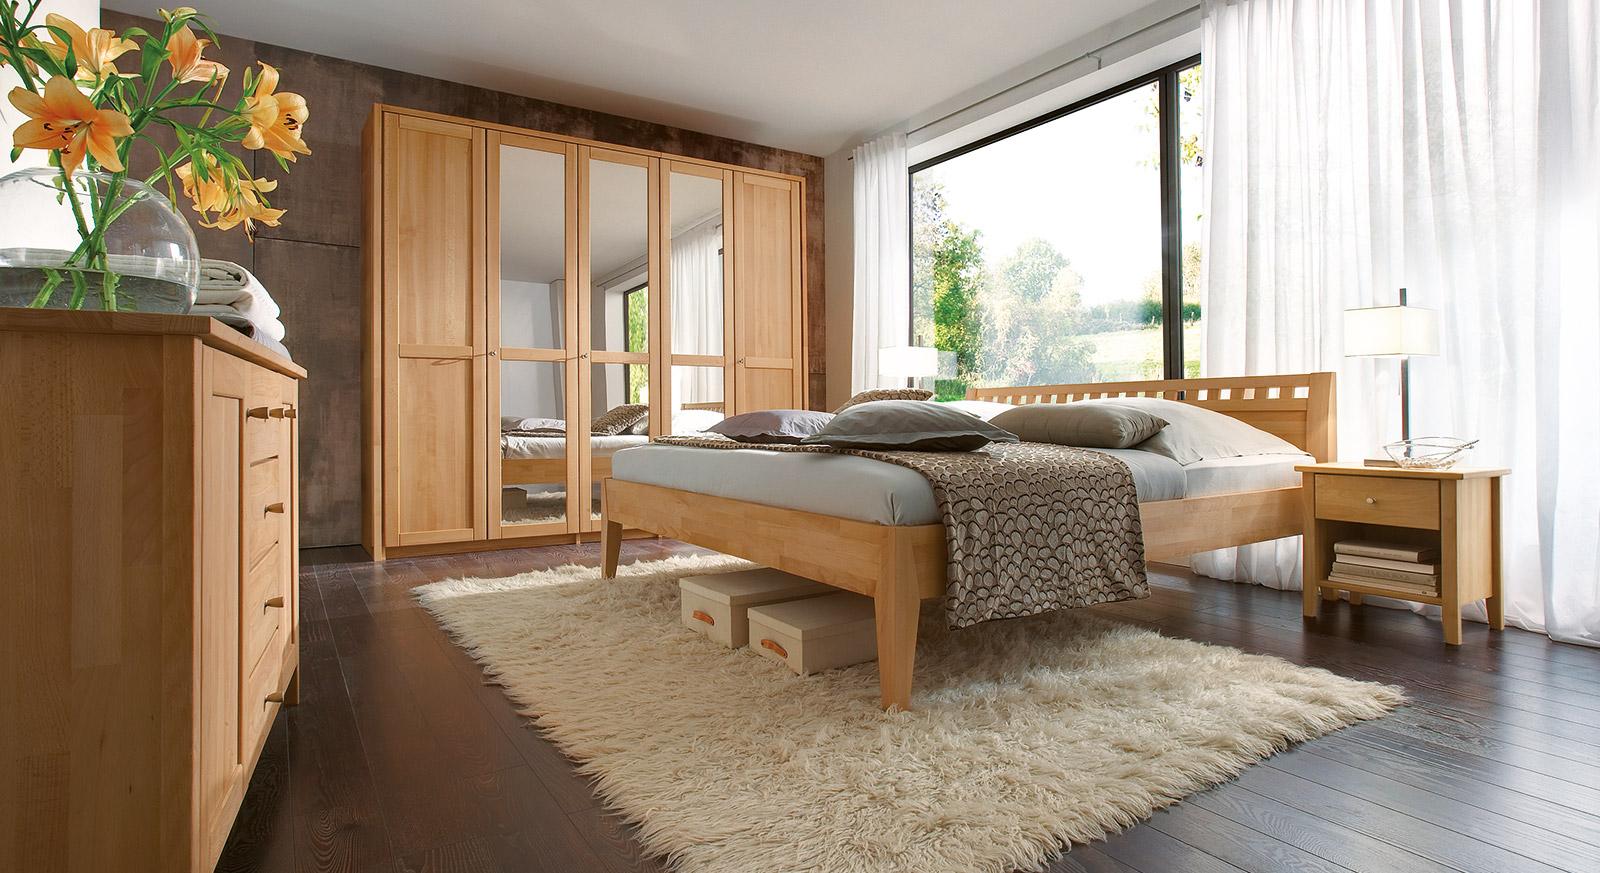 massivholzbett aus buche biologisch geölt - triest, Schlafzimmer entwurf